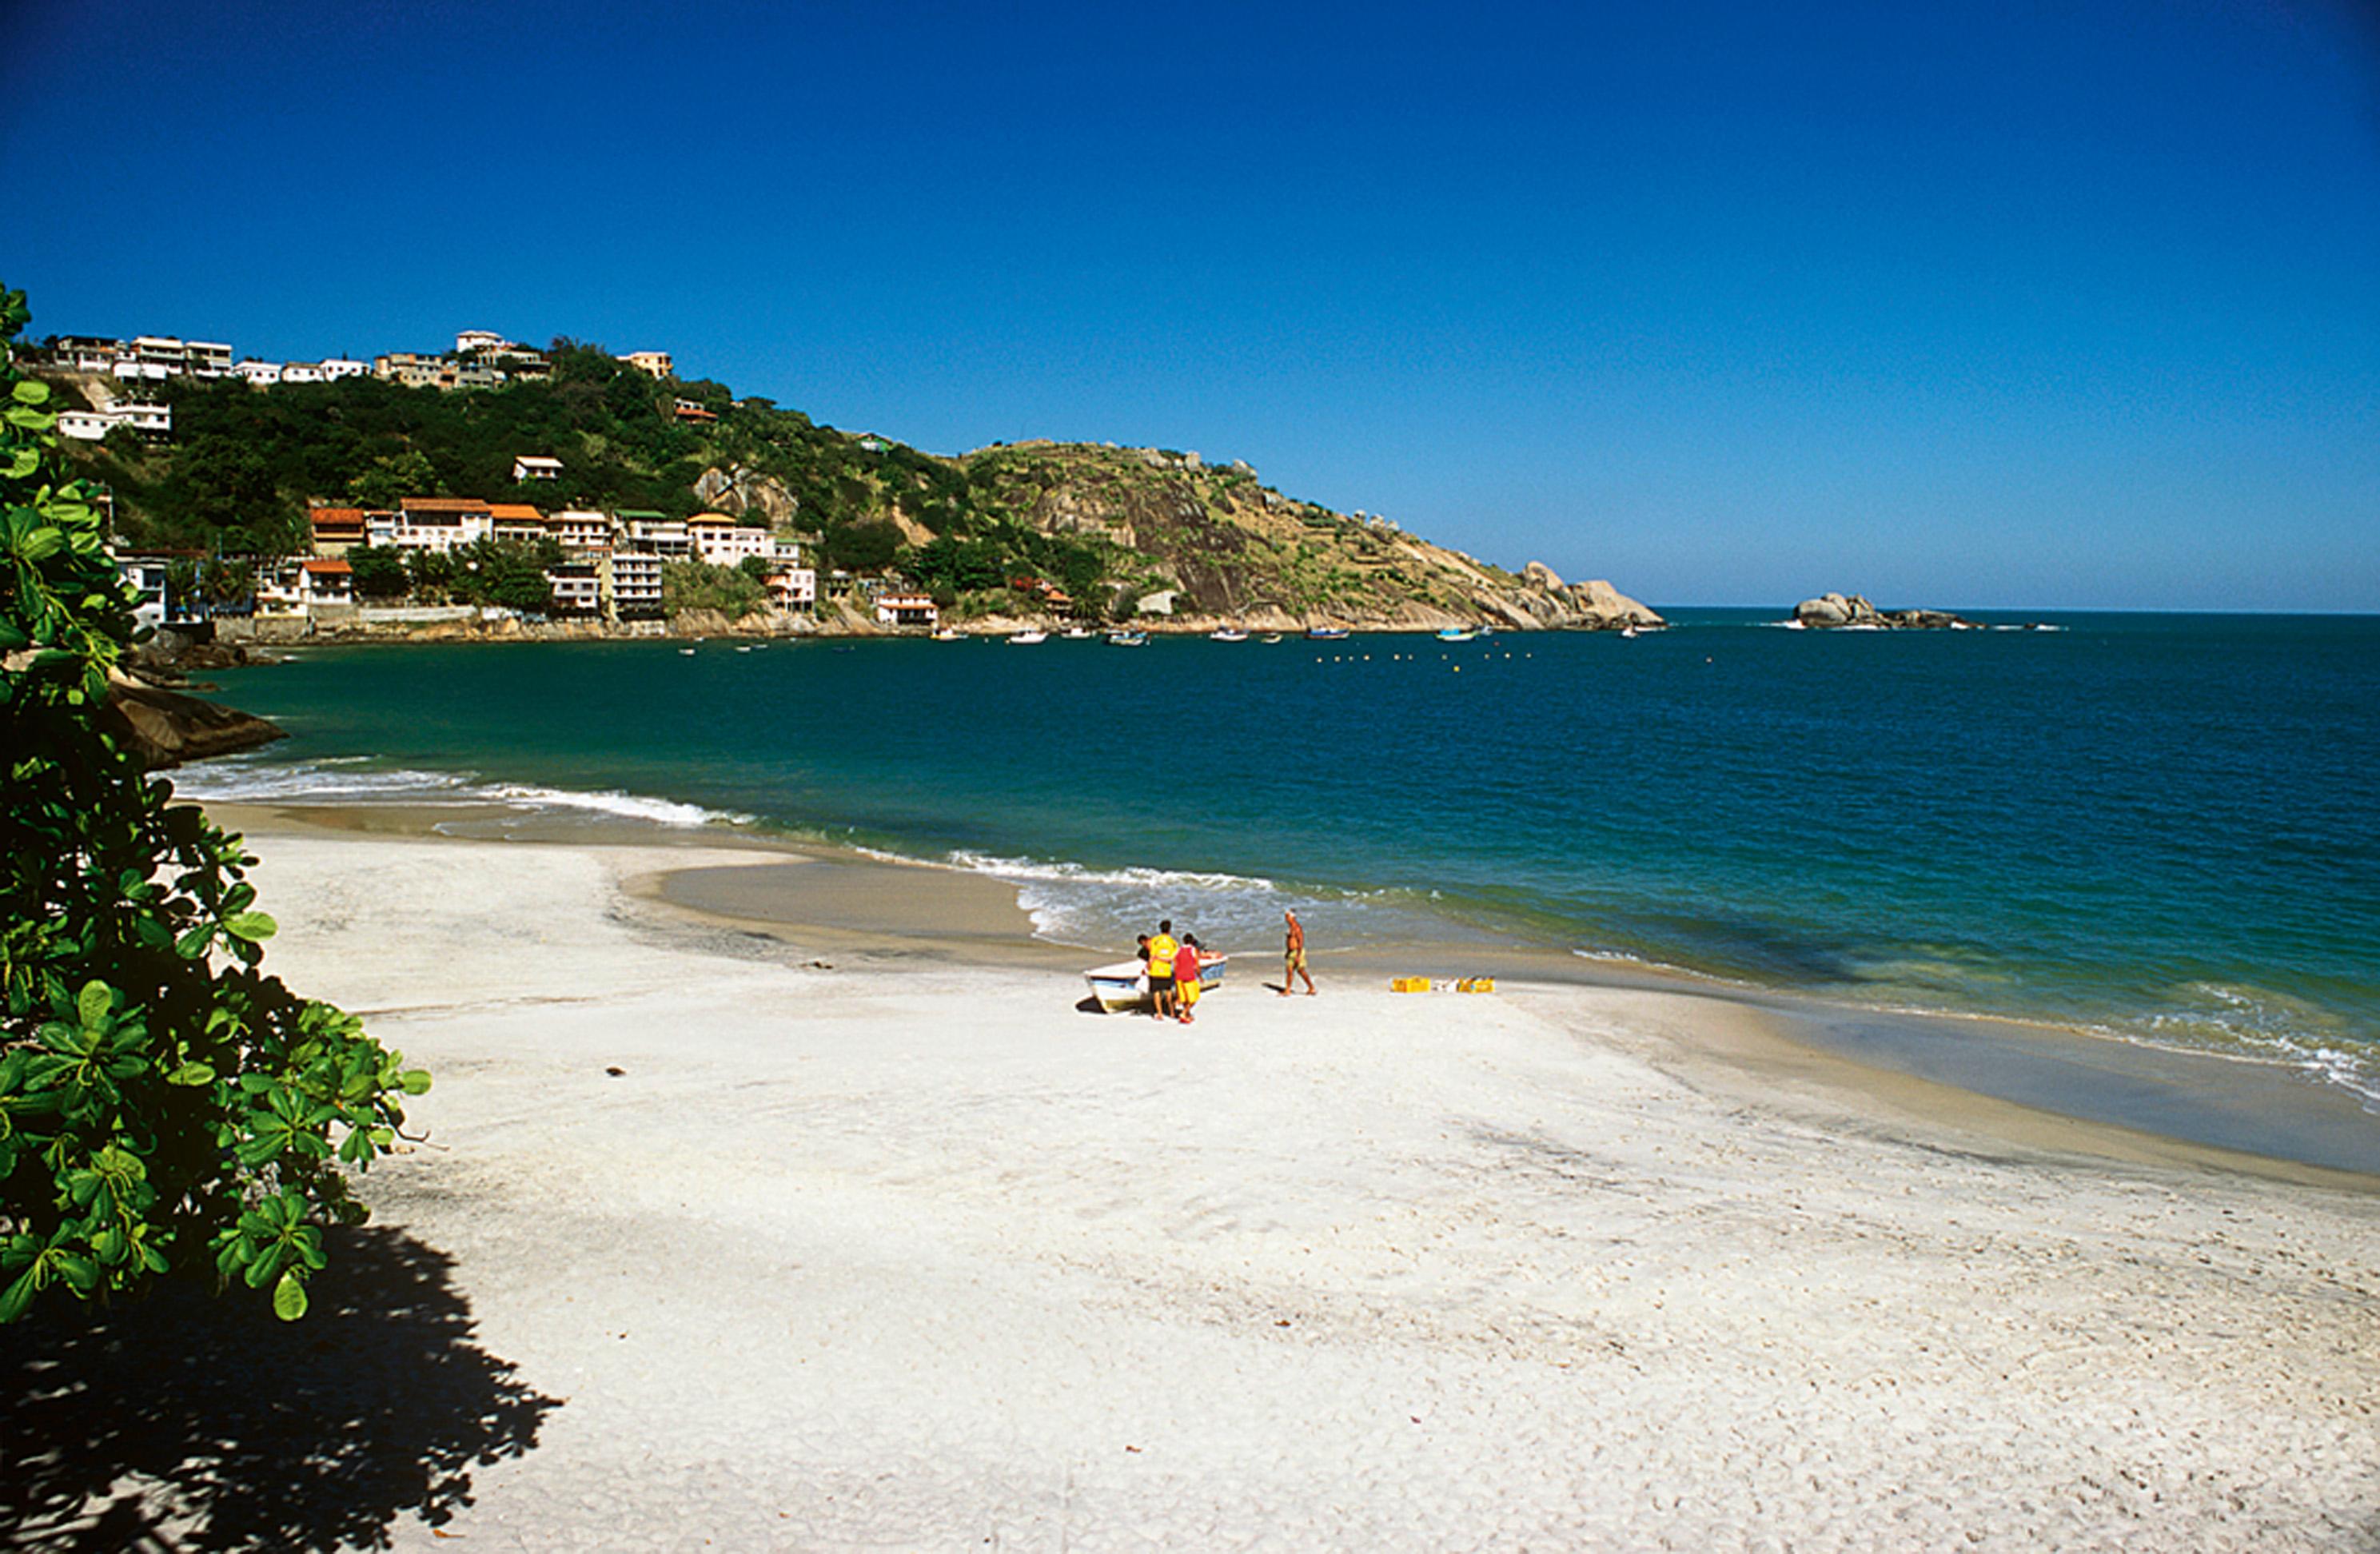 Barra de Guaratiba, Rio de Janeiro - É uma praia fantástica e pouco conhecida no Brasil. Os restaurantes que servem frutos do mar lá são demais. Tudo muito fresco